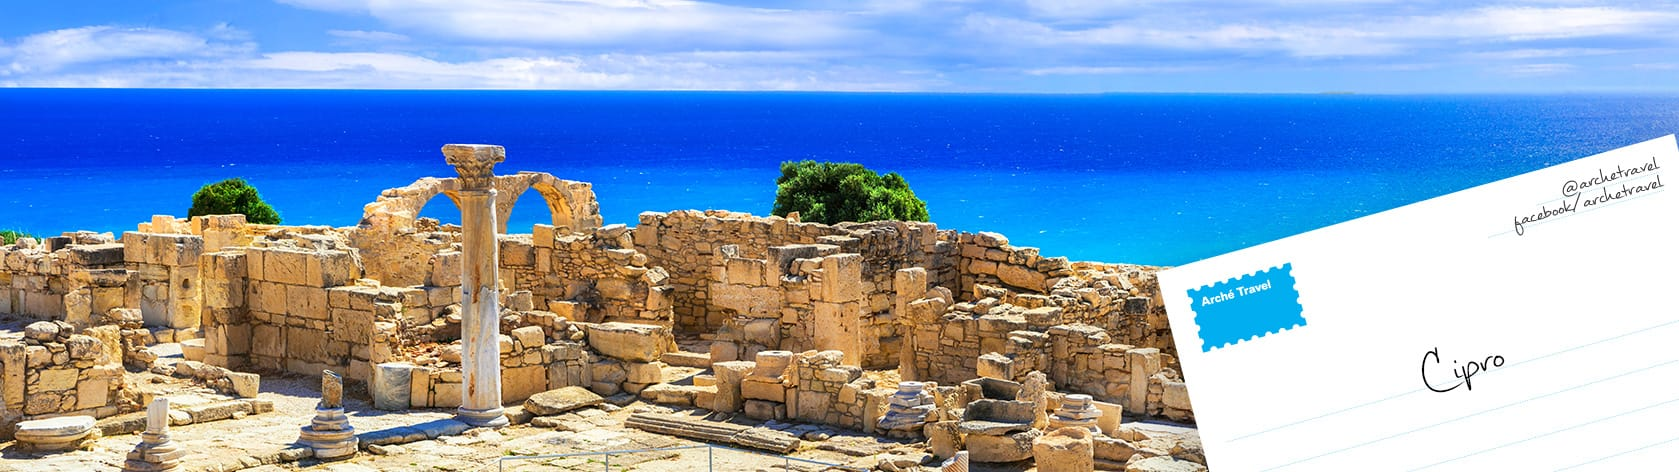 Blog cipro - Guida di Viaggio cipro - Blog di Viaggio cipro